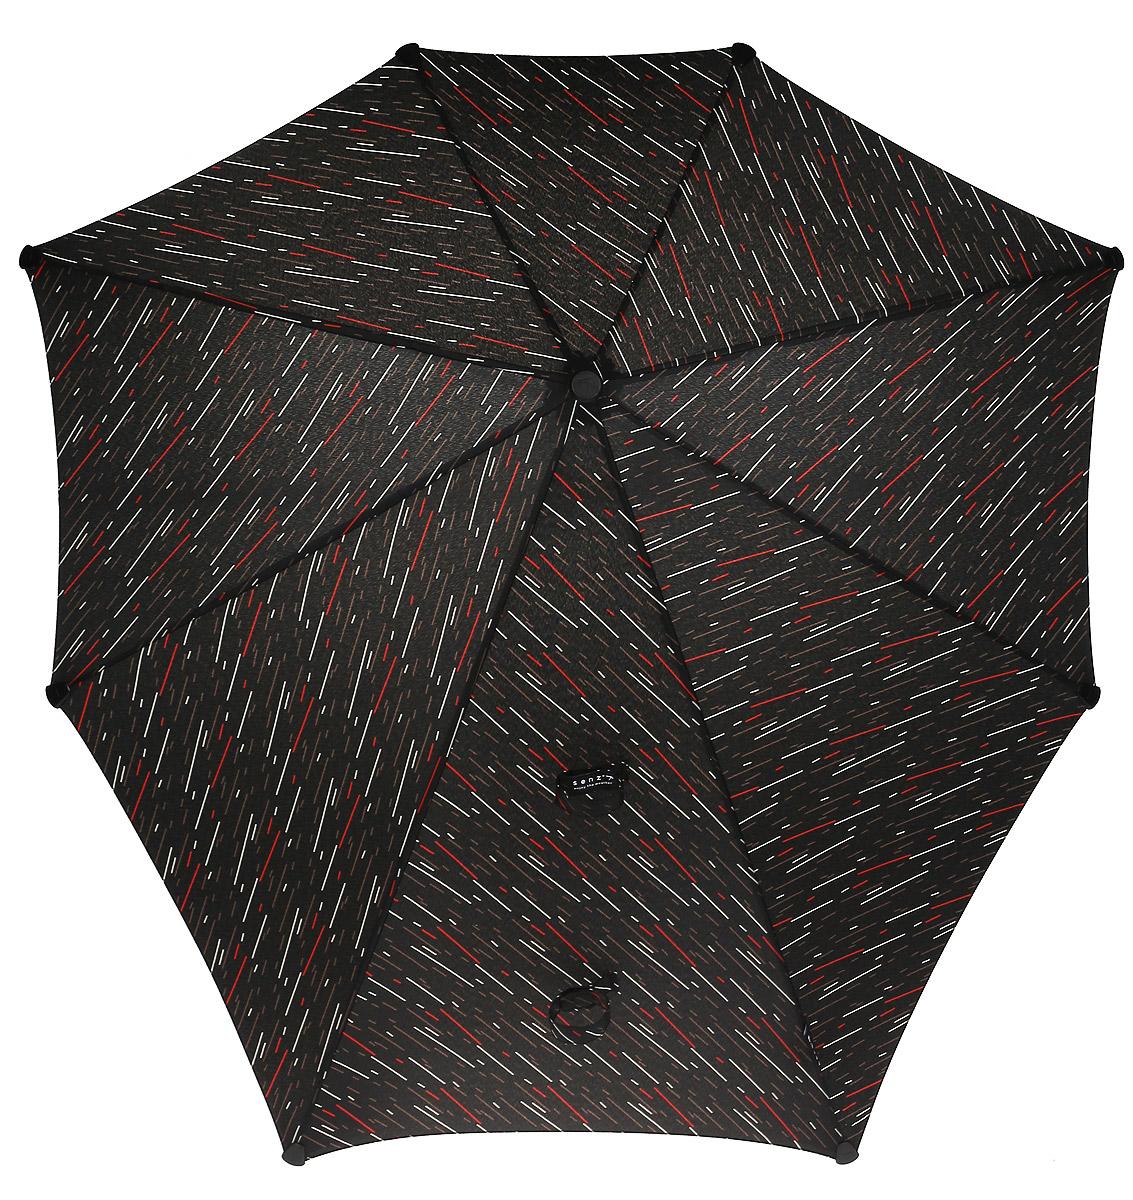 Зонт-трость Senz, цвет: синий. 20110572011057Инновационный противоштормовый зонт, выдерживающий любую непогоду. Форма купола продумана так, что вы легко найдете самое удобное положение на ветру – без паники и без борьбы со стихией. Закрывает спину от дождя. Благодаря своей усовершенствованной конструкции, зонт не выворачивается наизнанку даже при сильном ветре. Характеристики: - тип — трость - выдерживает порывы ветра до 100 км/ч - УФ-защита 50+ - удобная мягкая ручка - безопасные колпачки на кончиках спиц - - в комплекте прочный чехол из плотной ткани с лямкой на плечо - гарантия 2 года Размер купола - 90 х 87 см, длина в сложенном виде - 79 см. Весит 440 г.